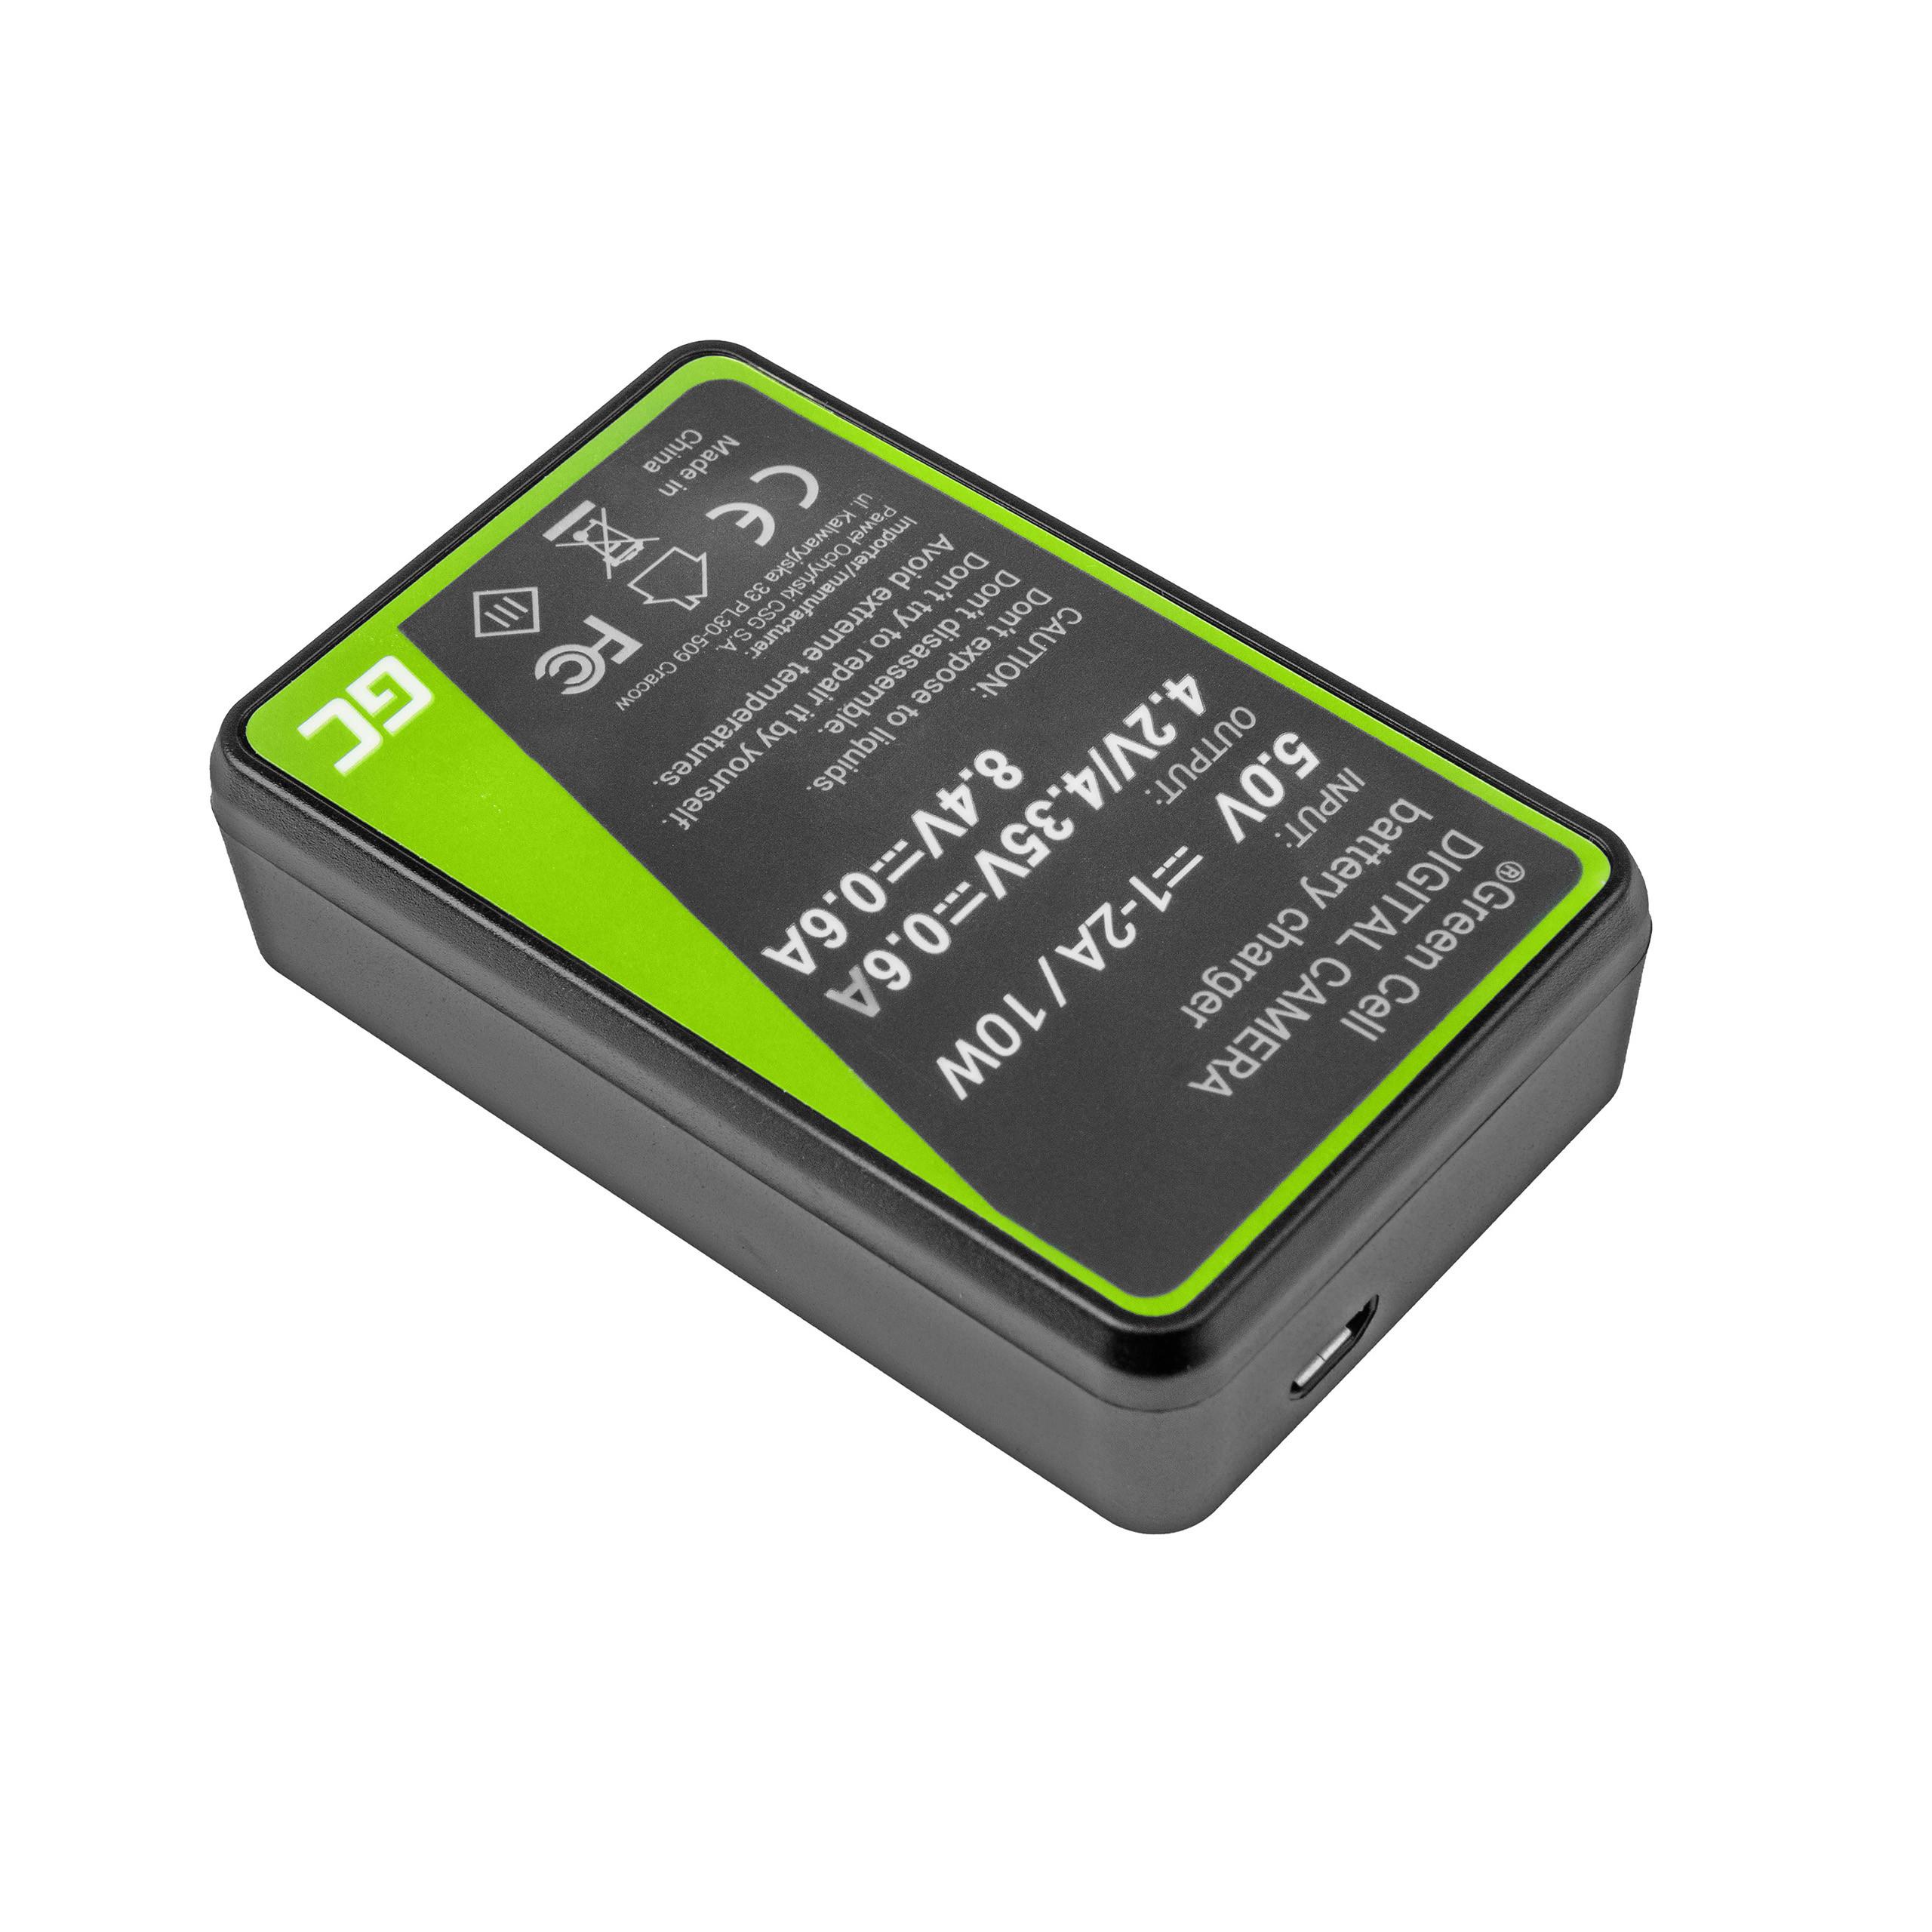 Green Cell Charger MH-24 Nikon EN-EL14, D3200, D3300, D5100, D5200, D5300, D5500, Coolpix P7000, P7700, P7800